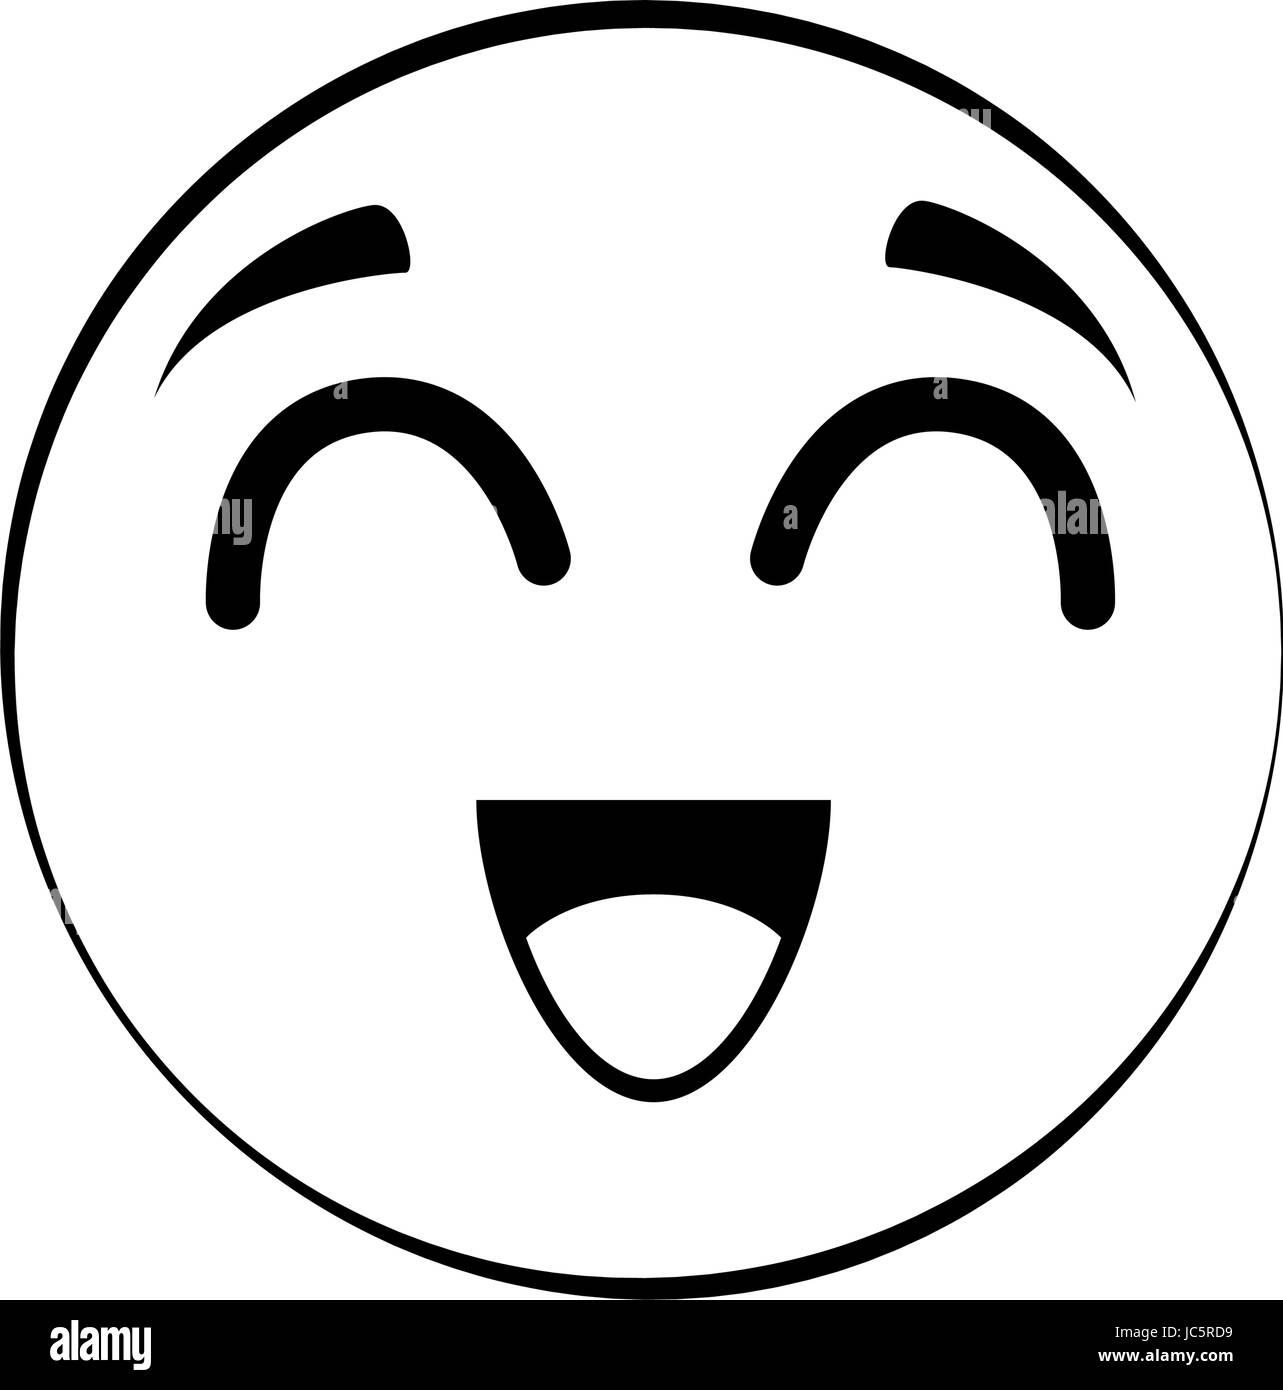 Black White Cartoon Illustration Emoticon Stockfotos & Black White ...